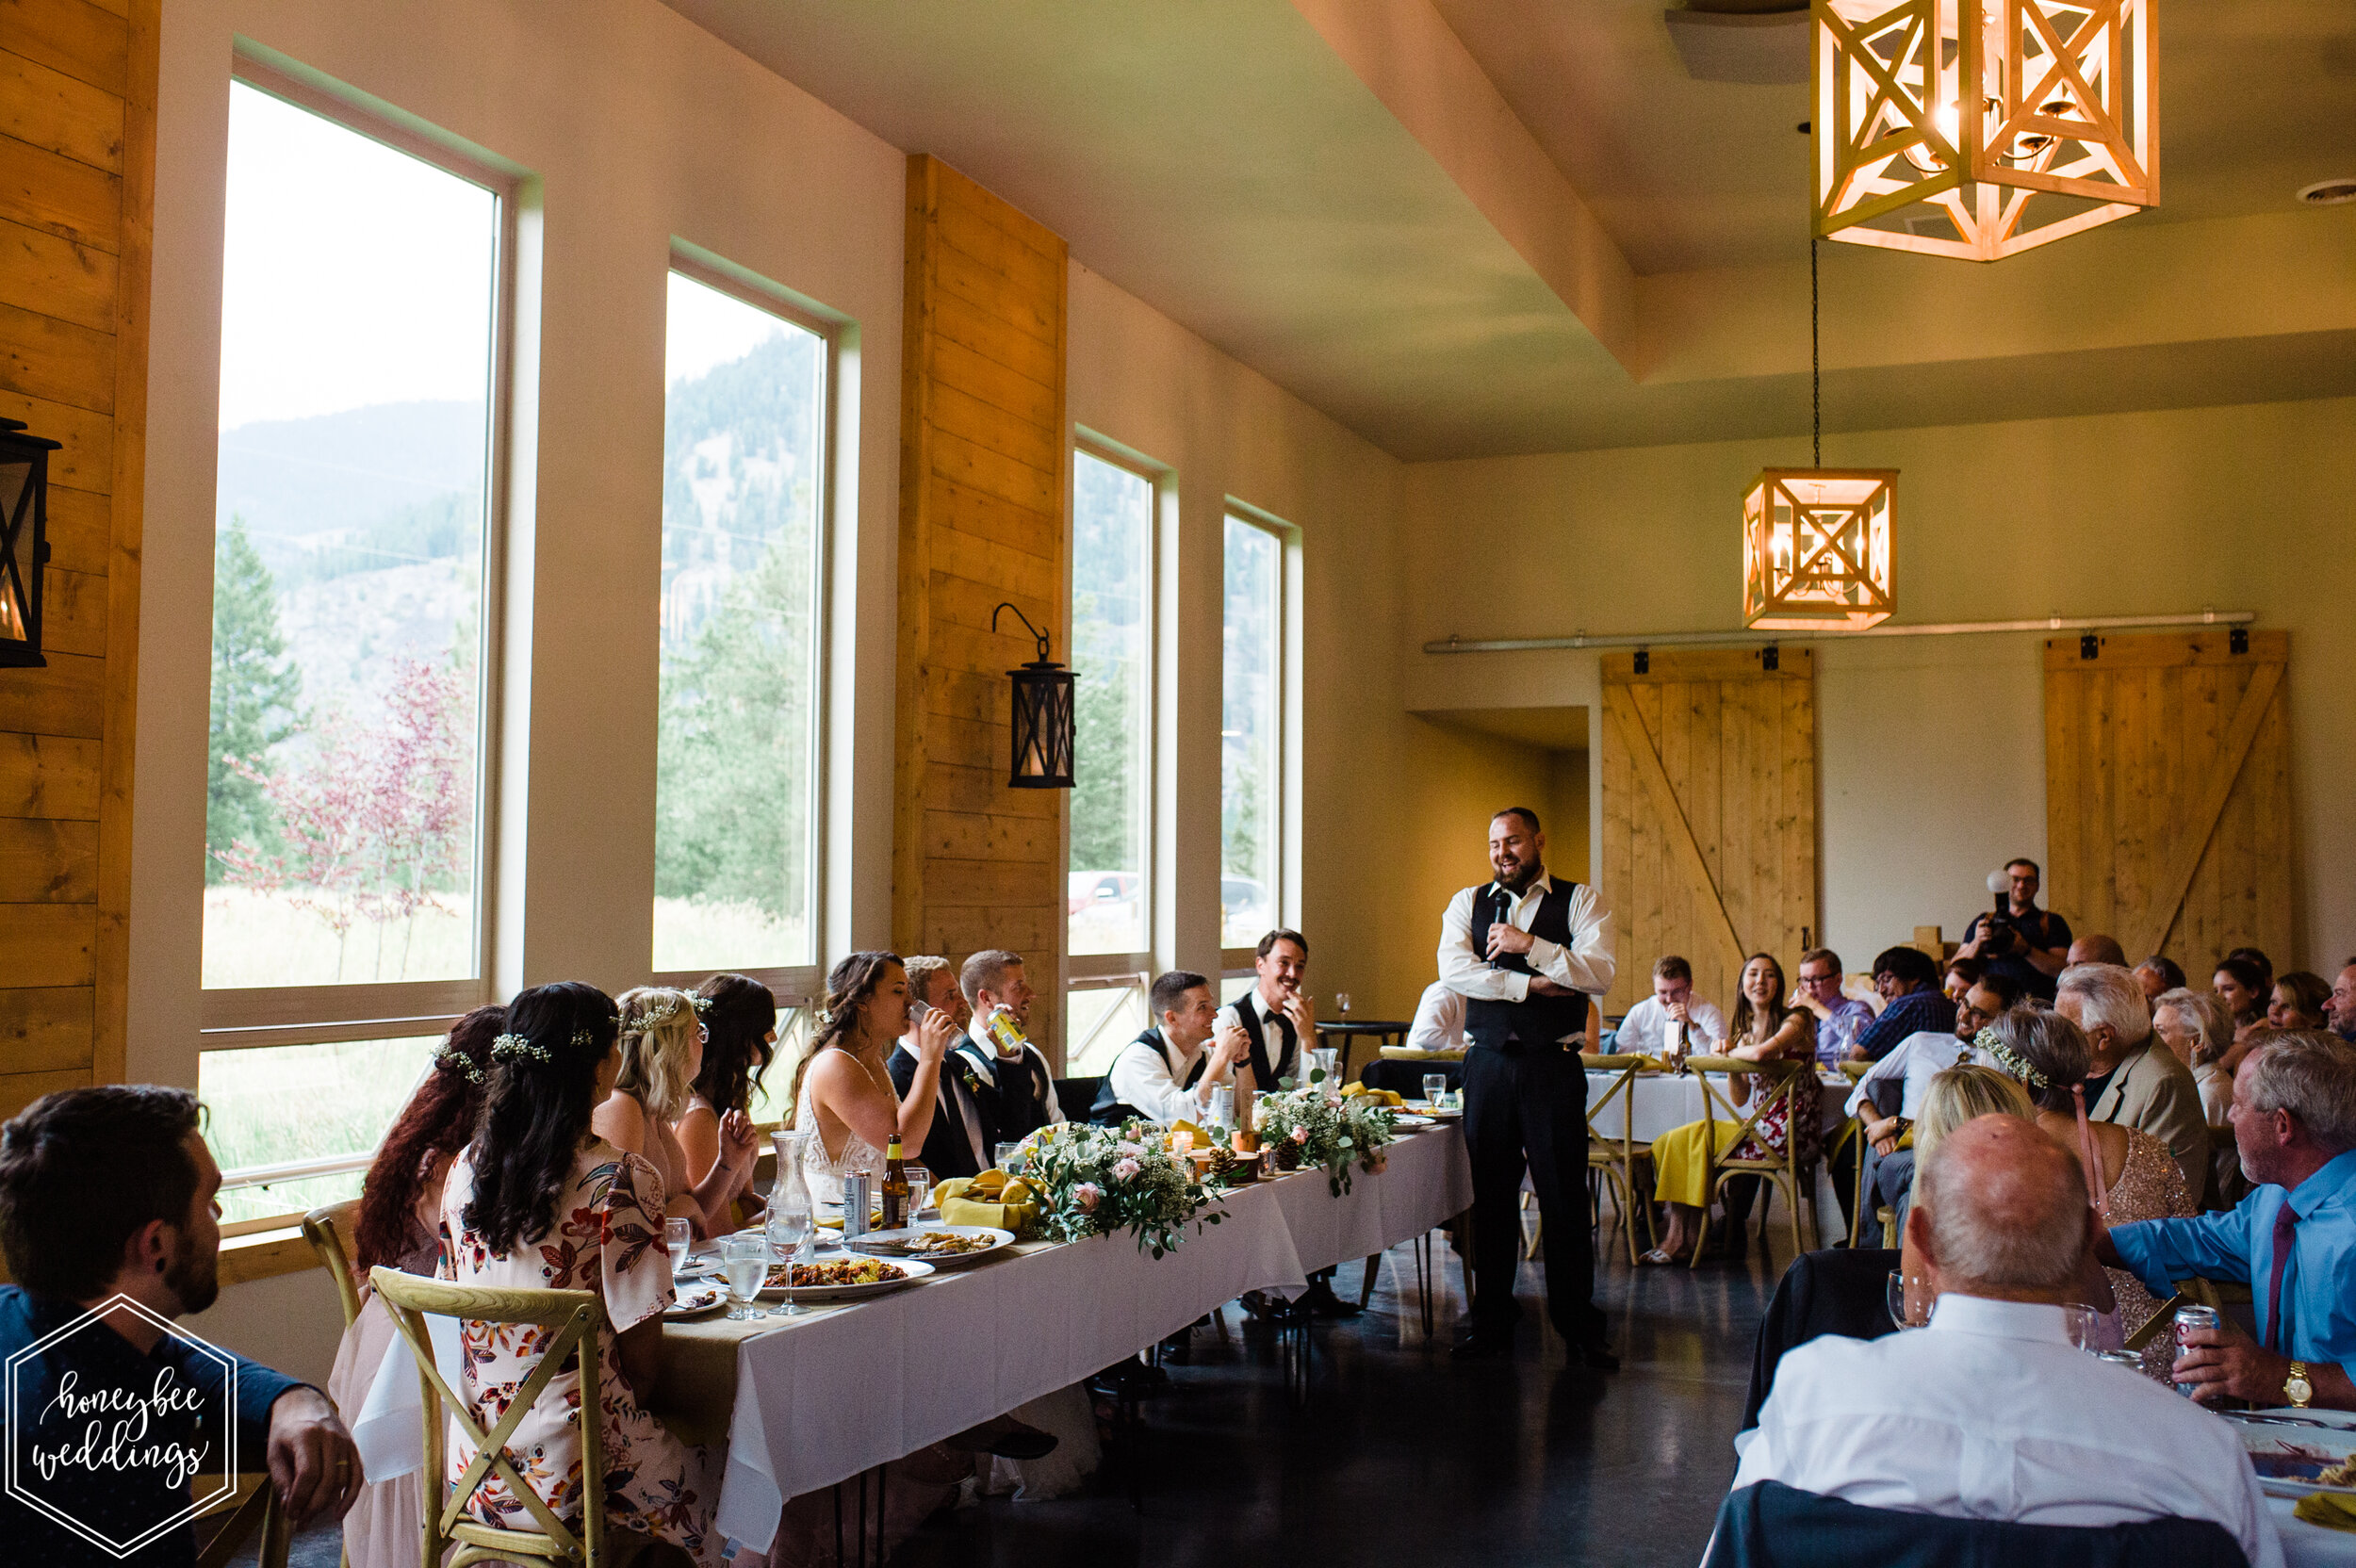 107White Raven Wedding_Montana Wedding Photographer_Corey & Corey_Honeybee Weddings_September 06, 2019-1668.jpg